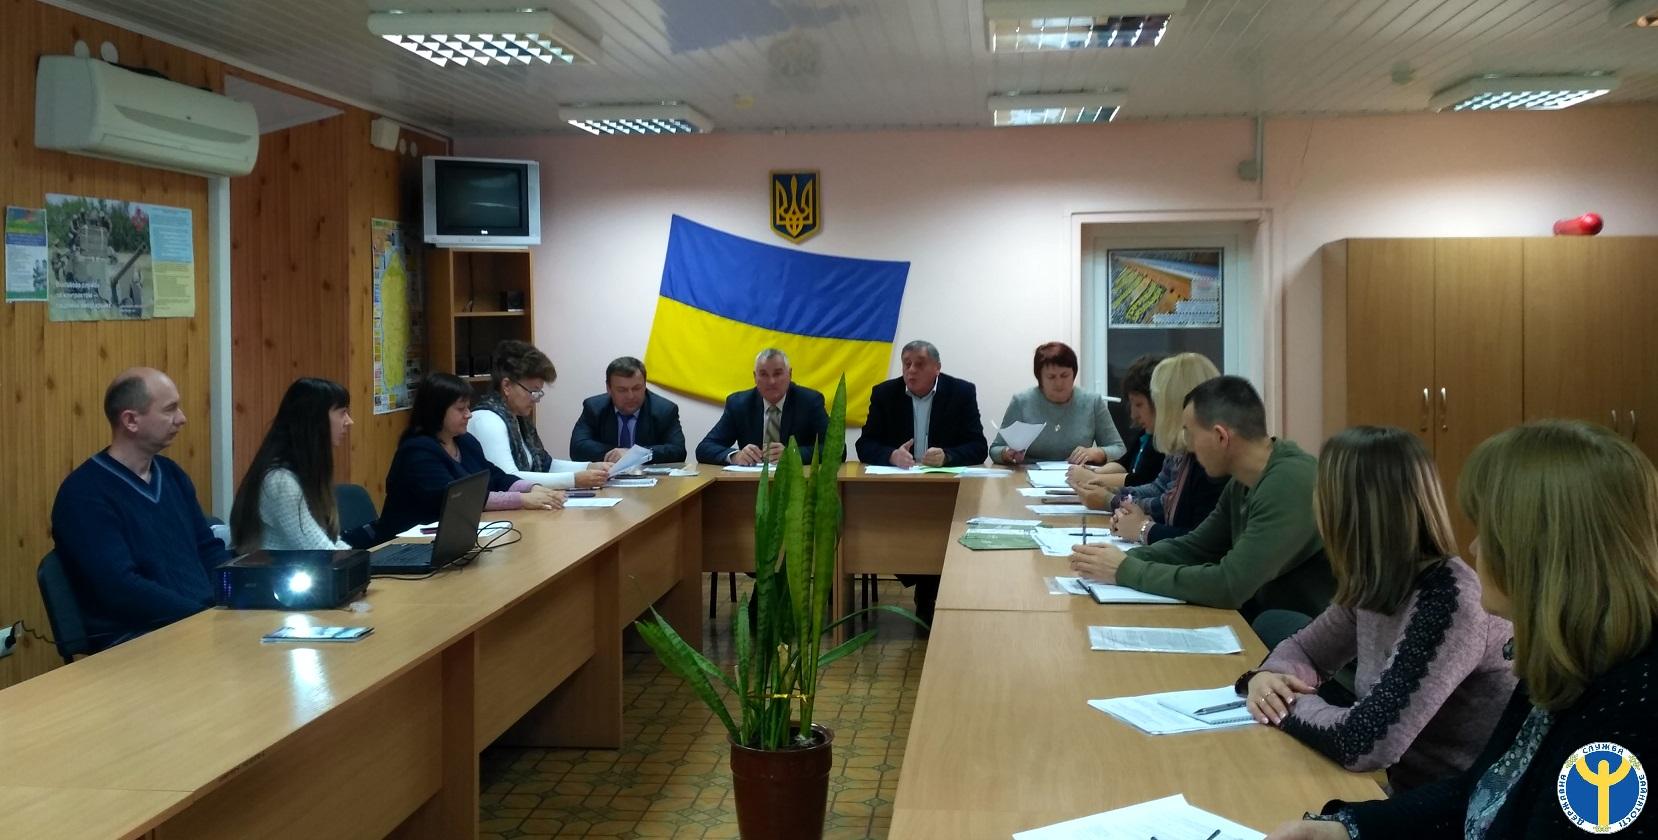 q1317122.003 - У Волочиську відбувся «круглий стіл» з питань працевлаштування осіб  з інвалідністю